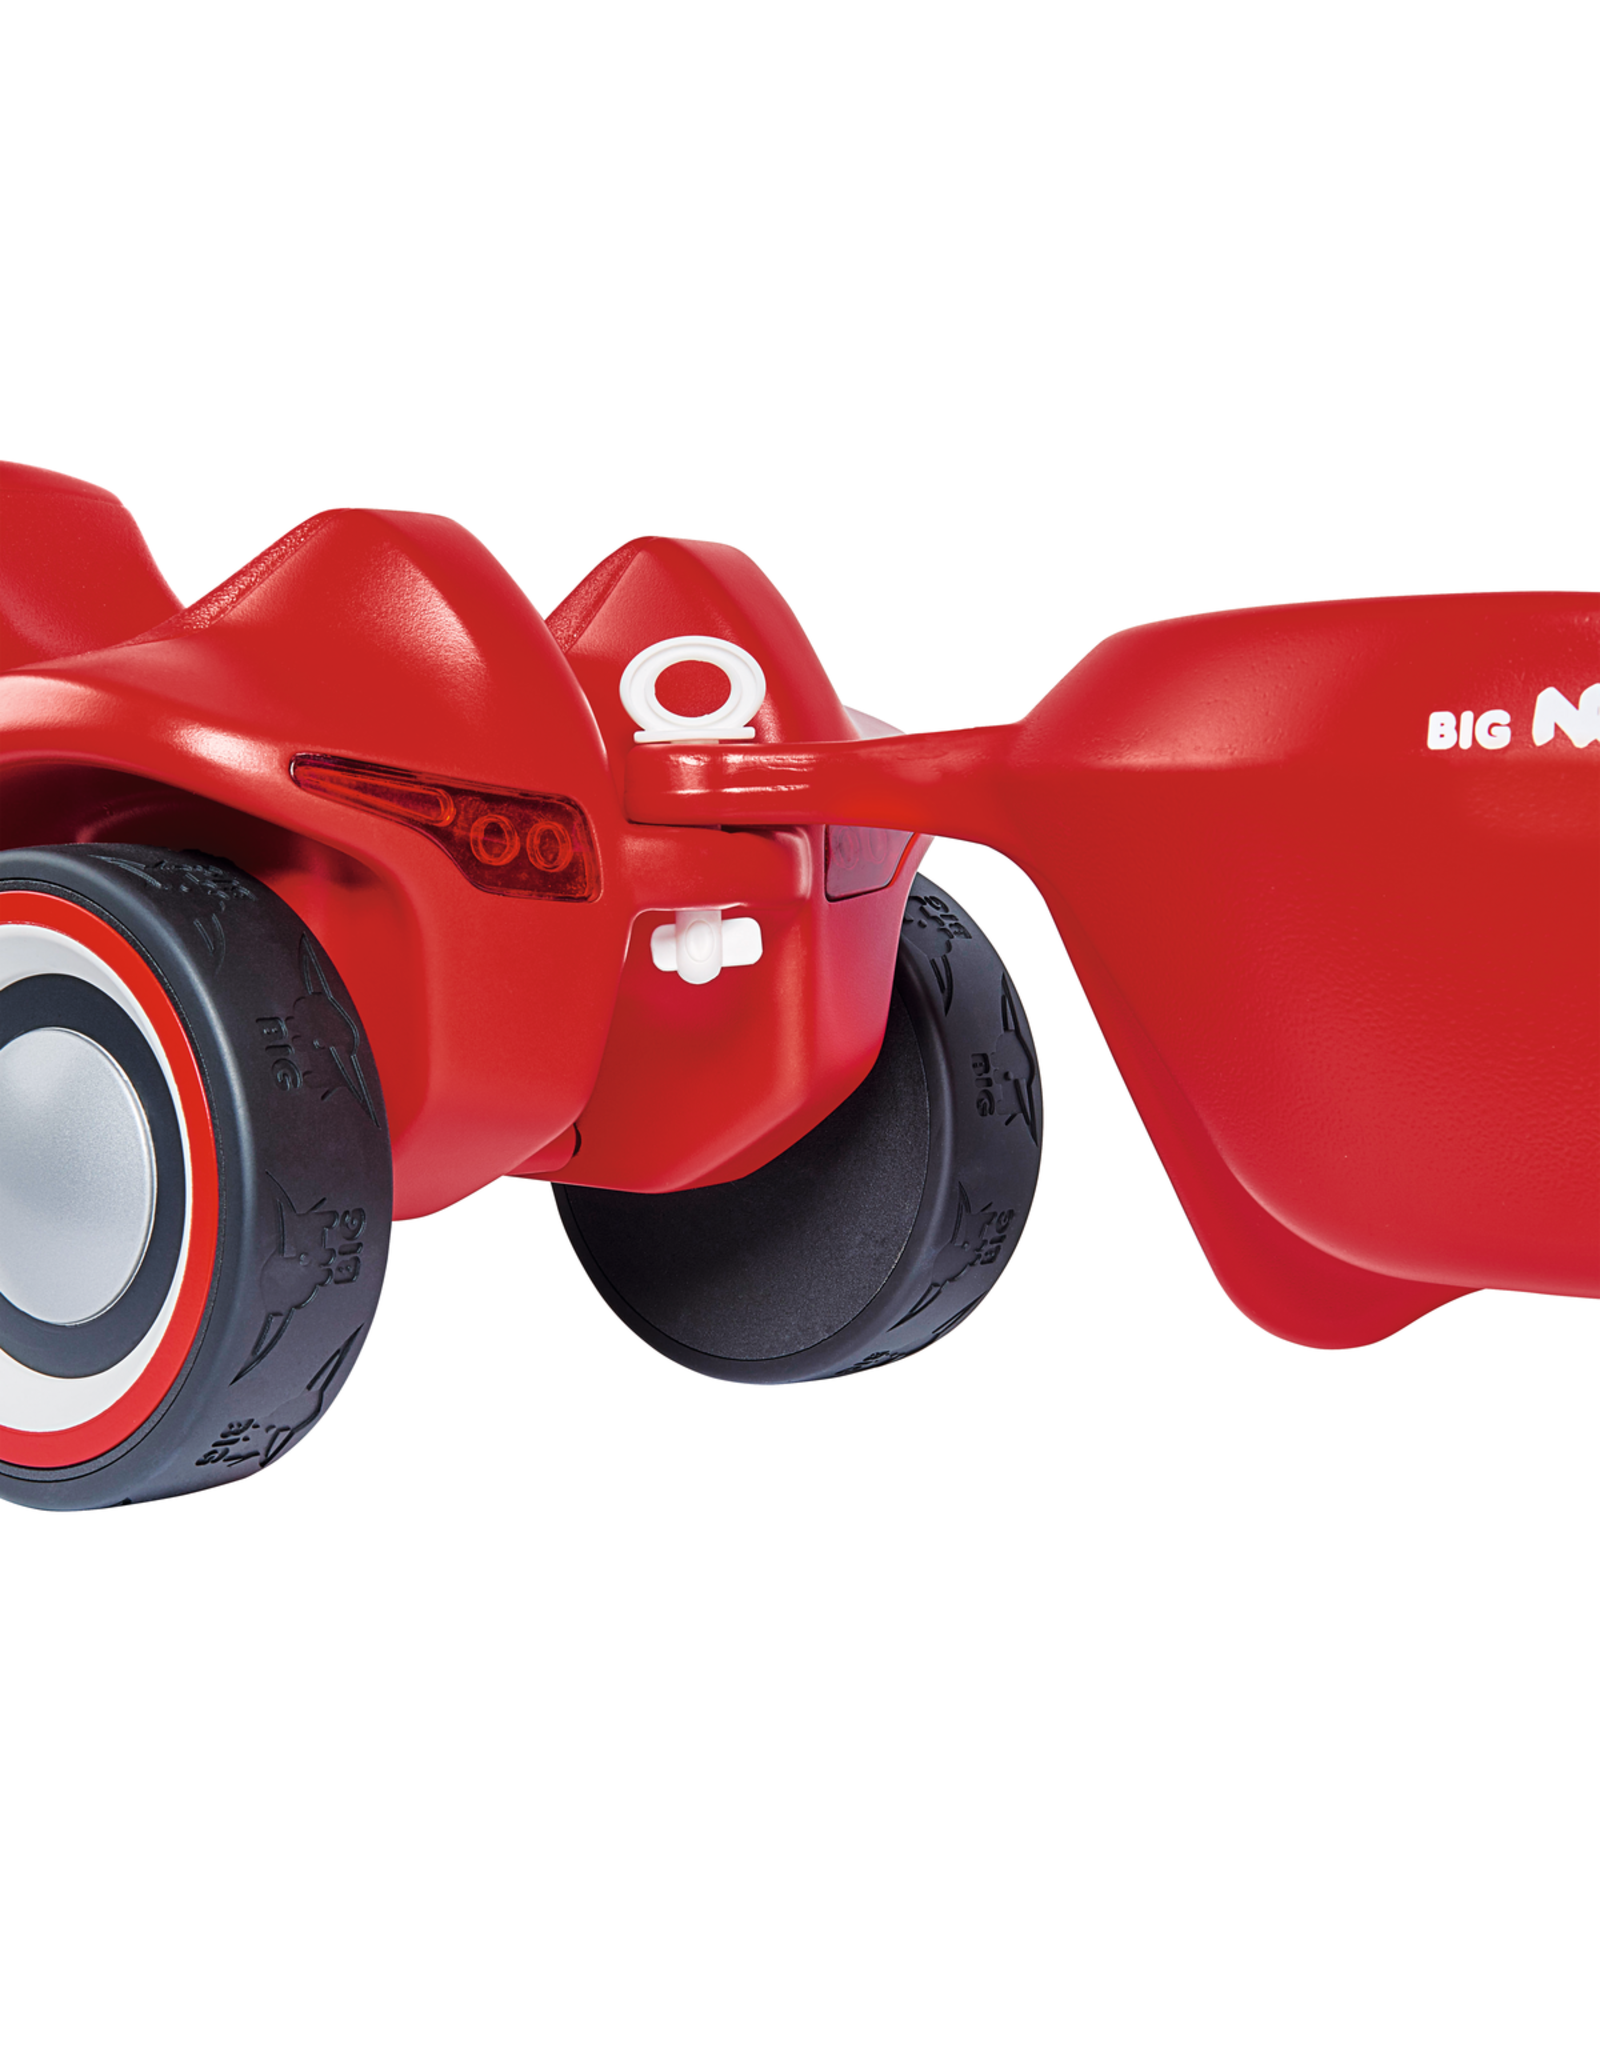 BIG BIG Bobby Car Neo aanhanger